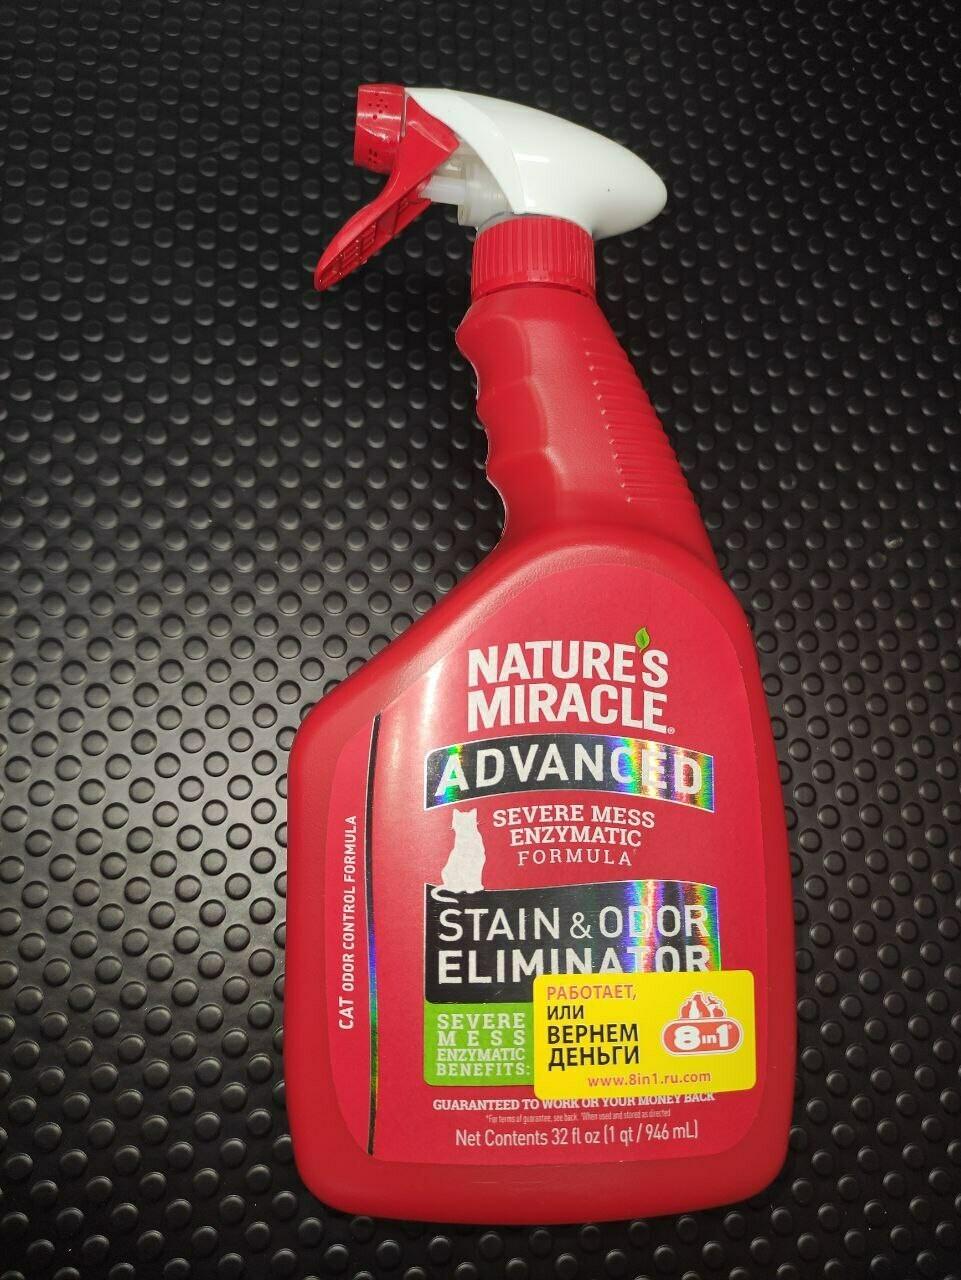 Уничтожитель пятен и запахов с усиленной формулой для кошек 8 в 1 Nature's Miracle